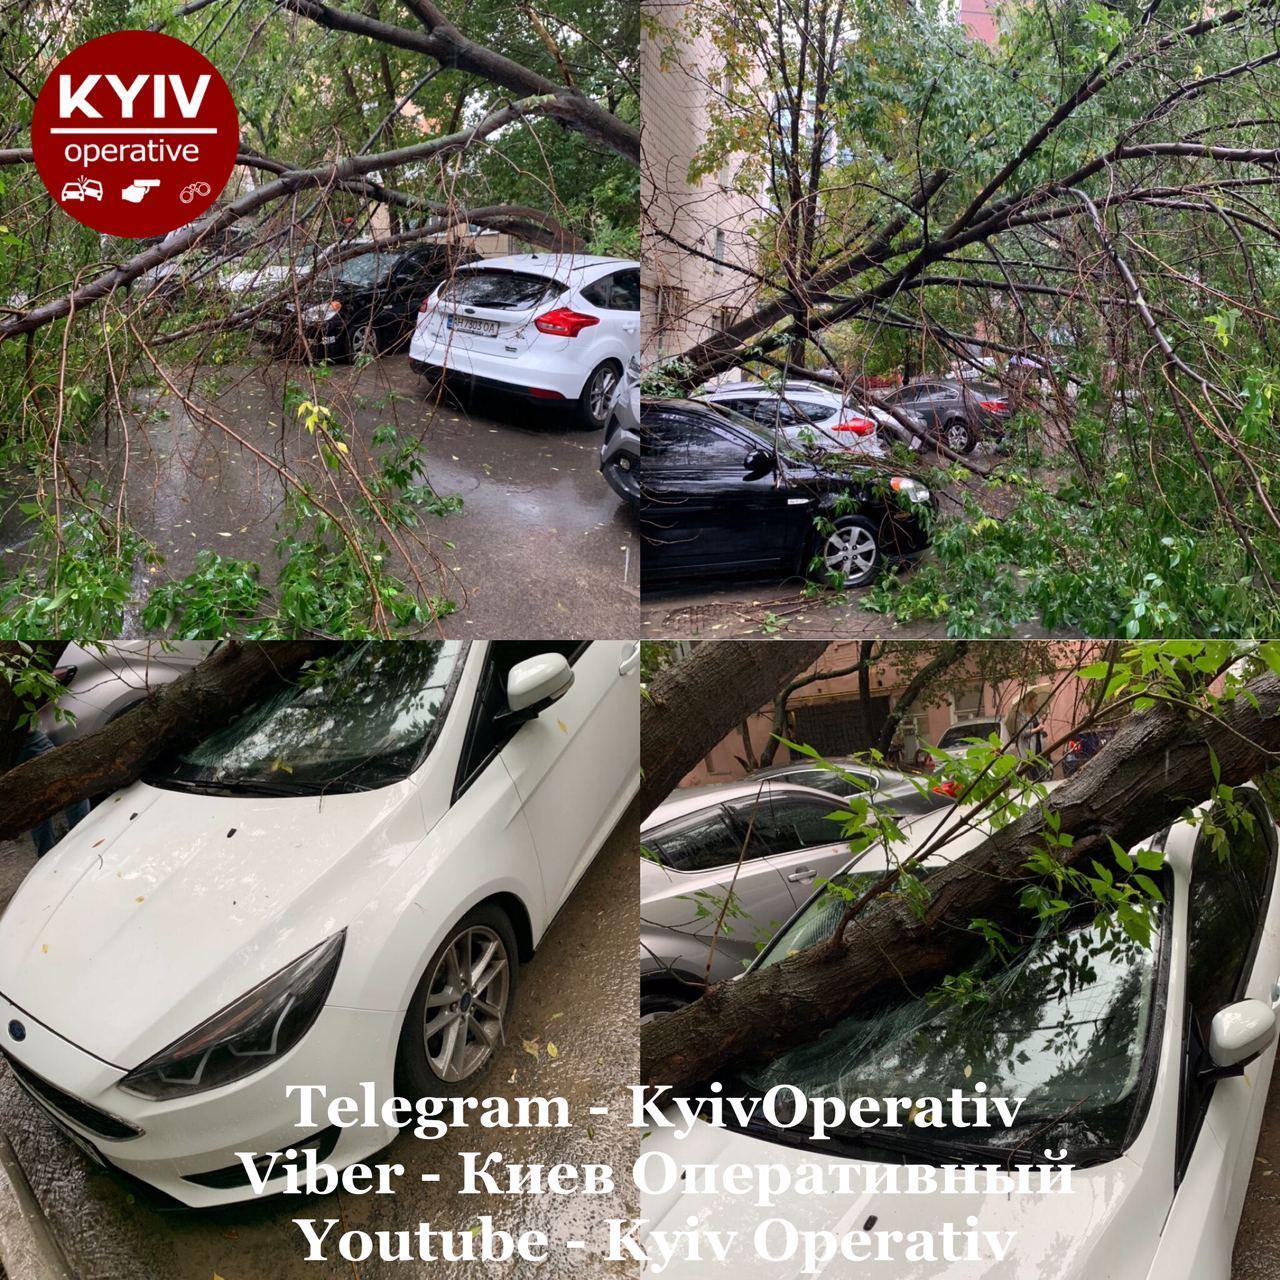 Злива затопила вулиці та повалила дерева: фото наслідків негоди в Києві